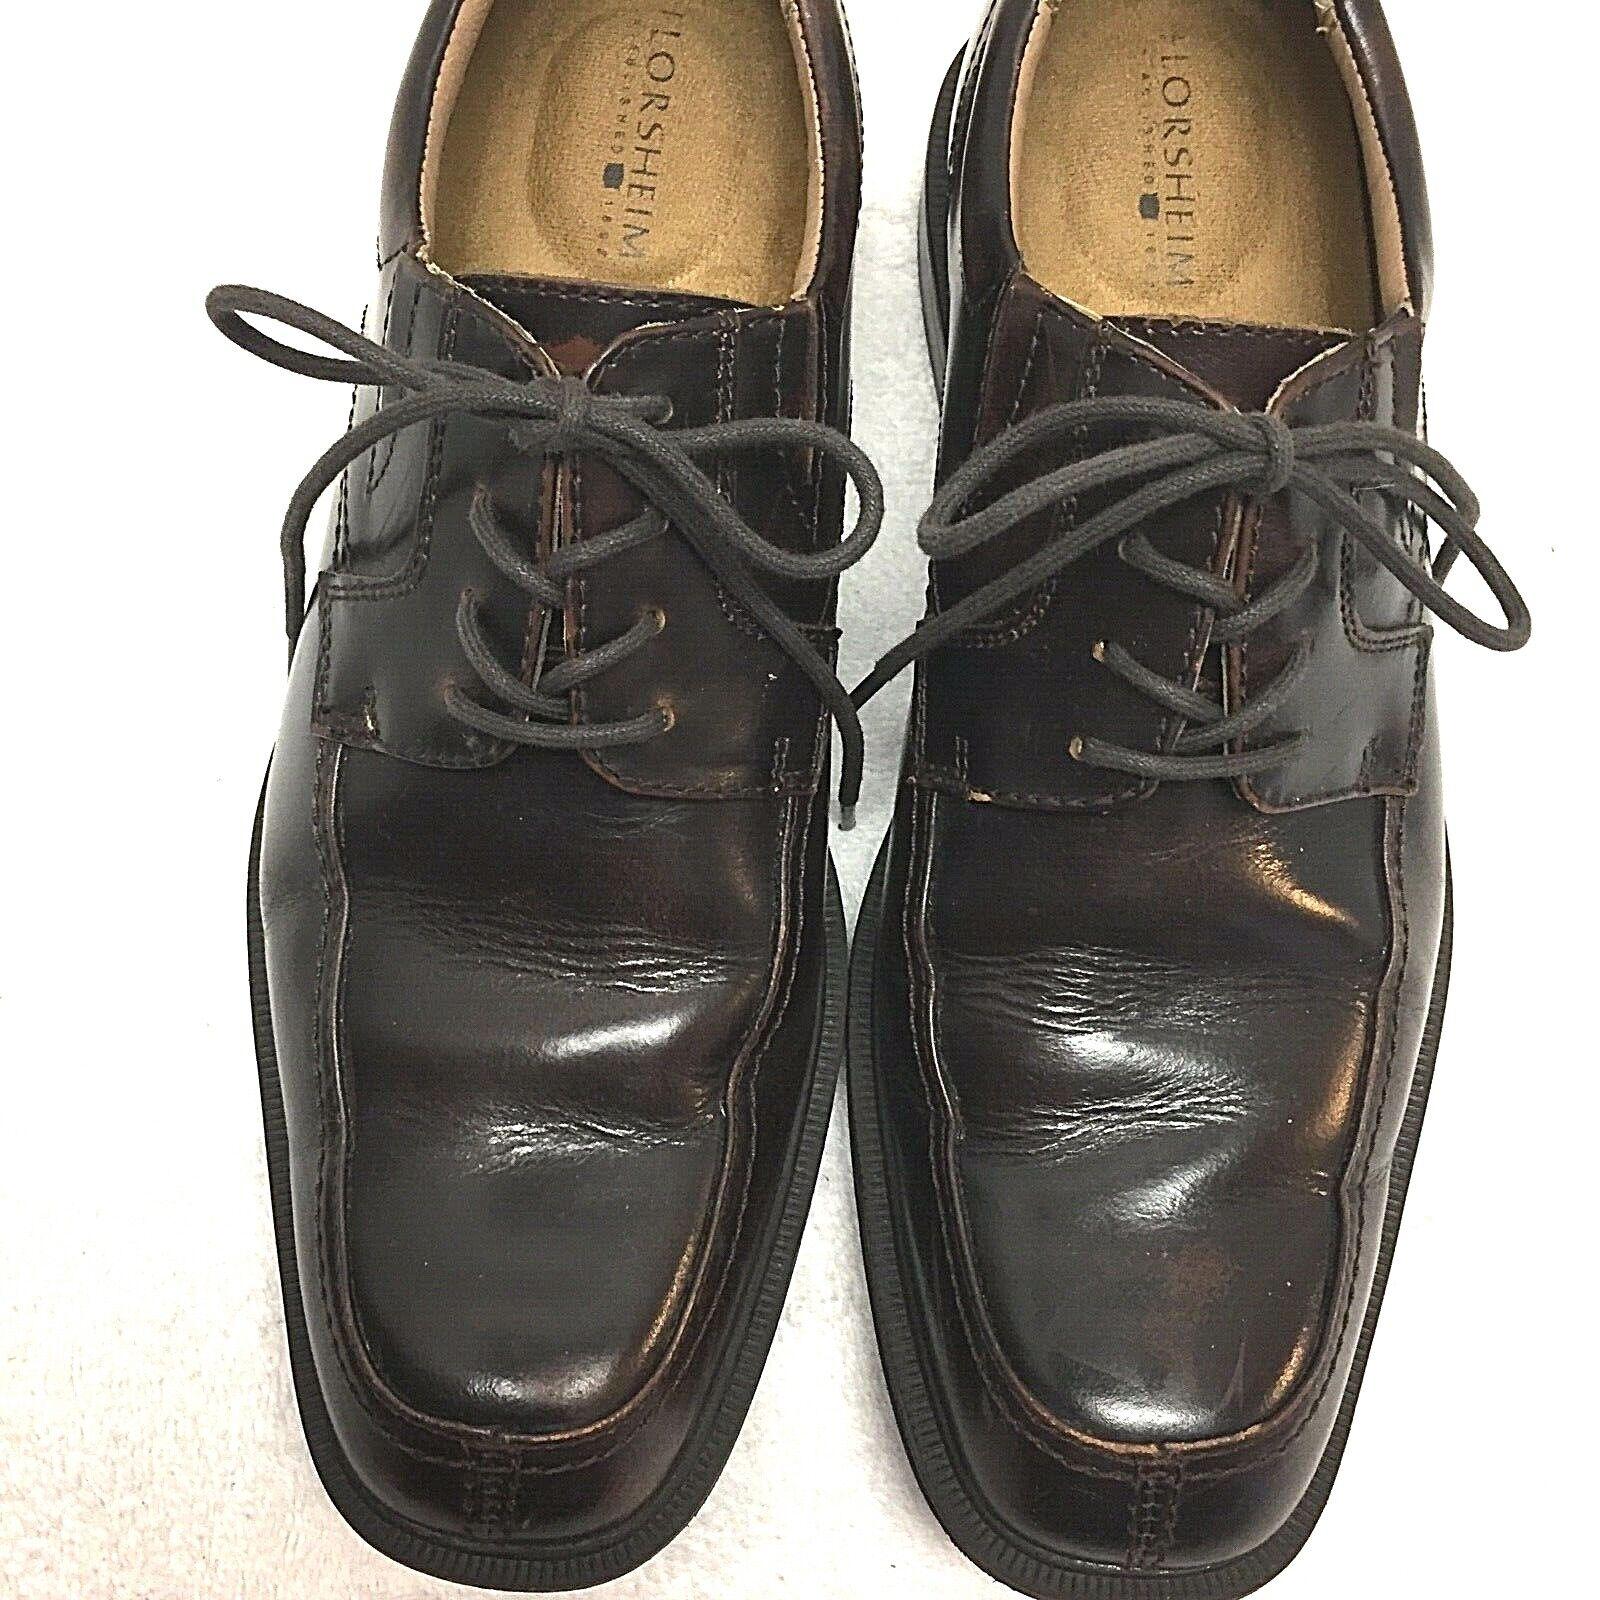 Florsheim Men's Billings Moc Toe Lace Up Brown shoes 13113-200 Size 9.5D